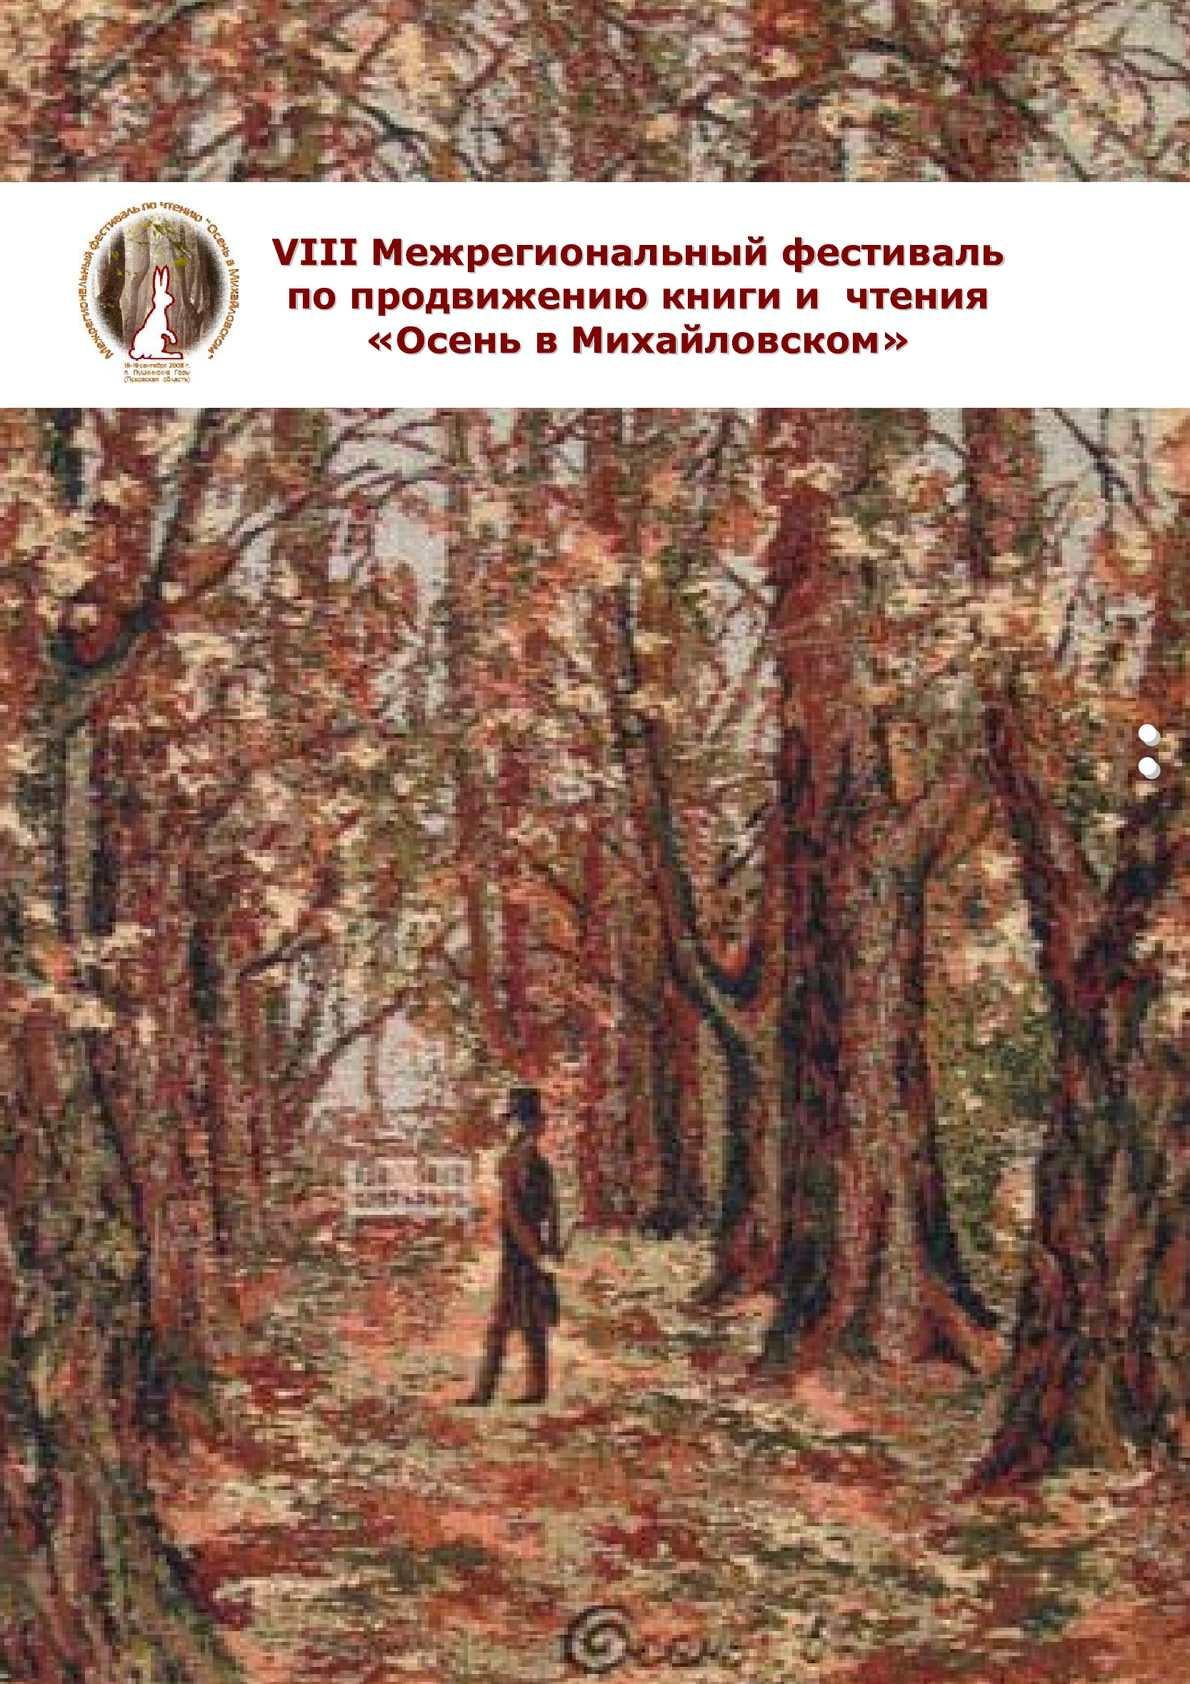 Calaméo - Нас объединяет книга  библиотечные встречи в Михайловском f8f39c8c6af